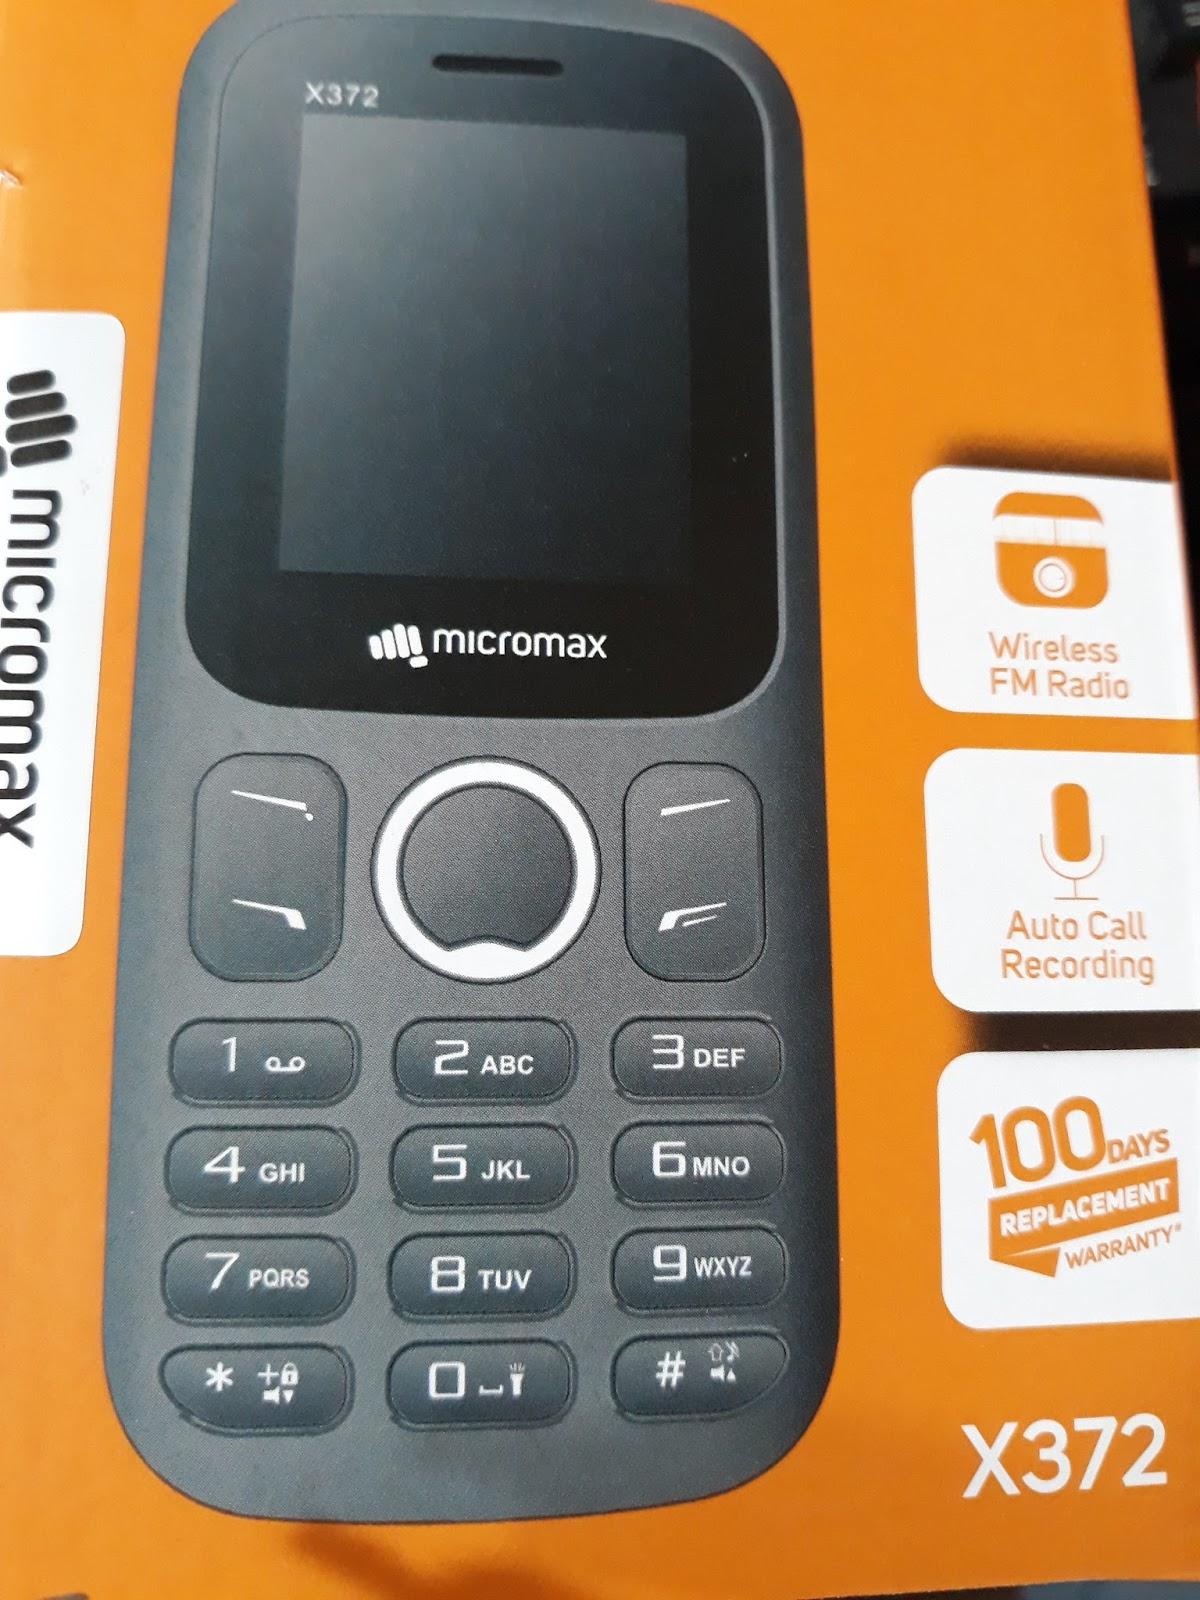 micromax x372 flash file mt-6261 no password - GSM TECH BD